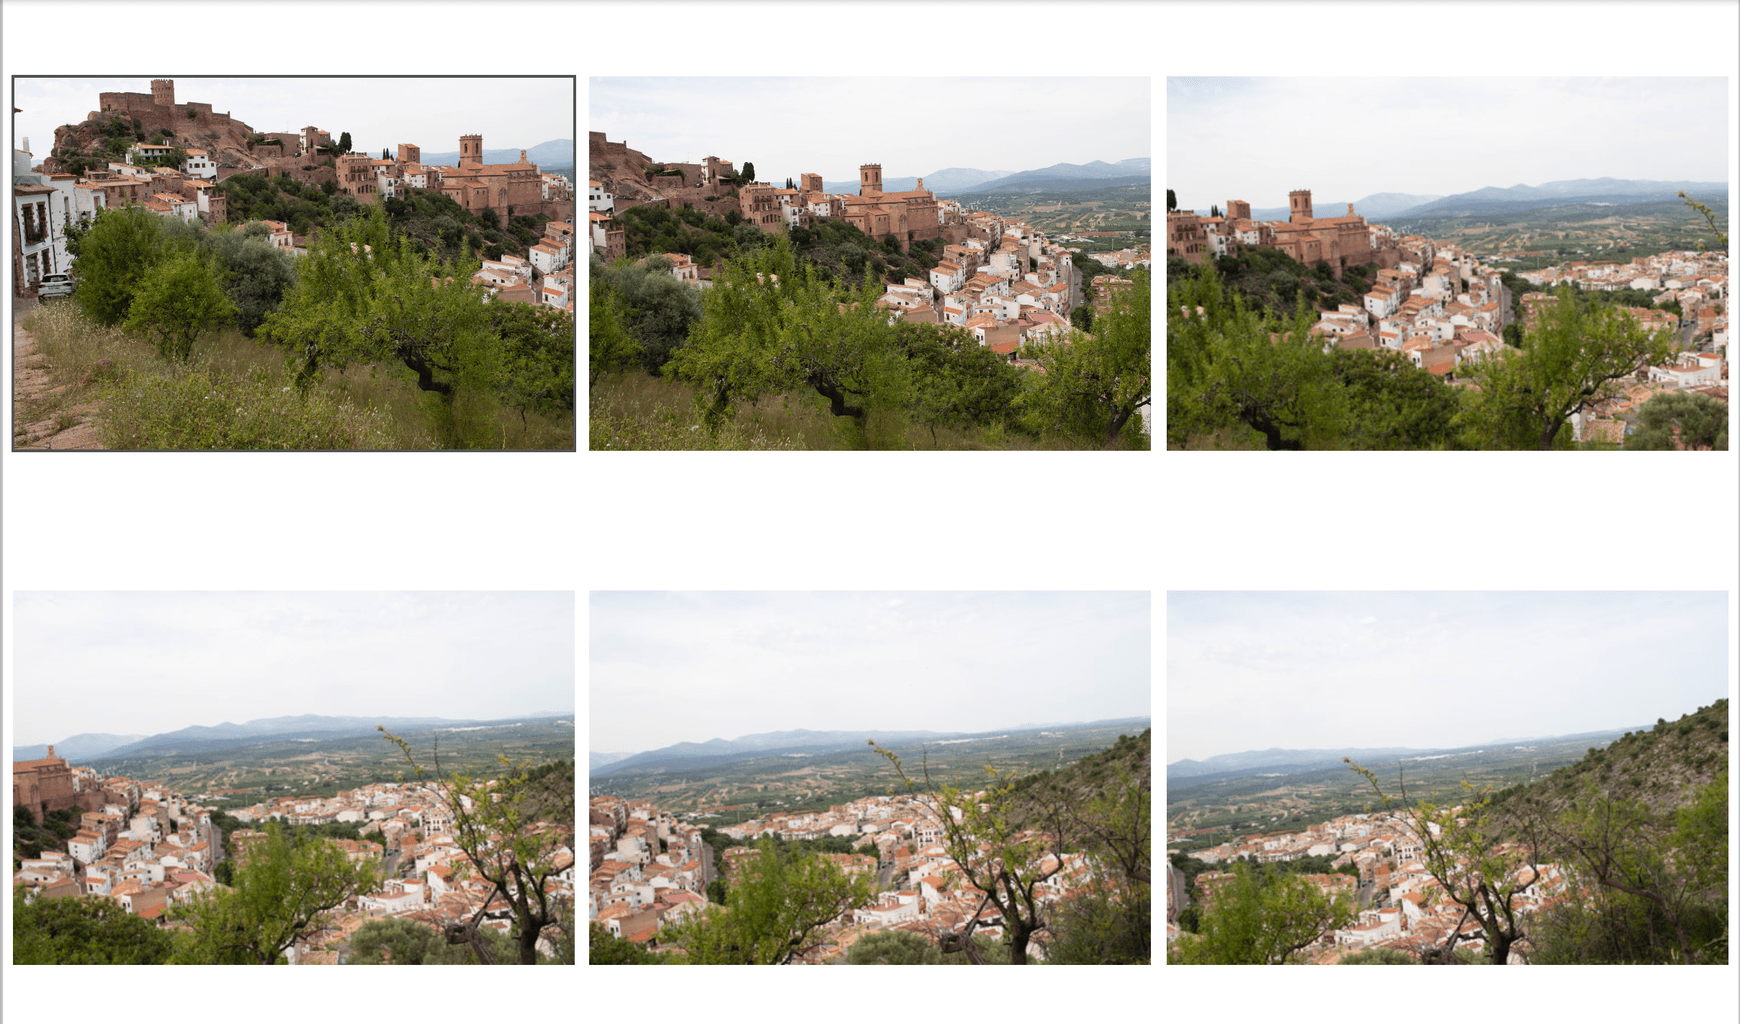 Secuencia de imágenes para montar una panorámica